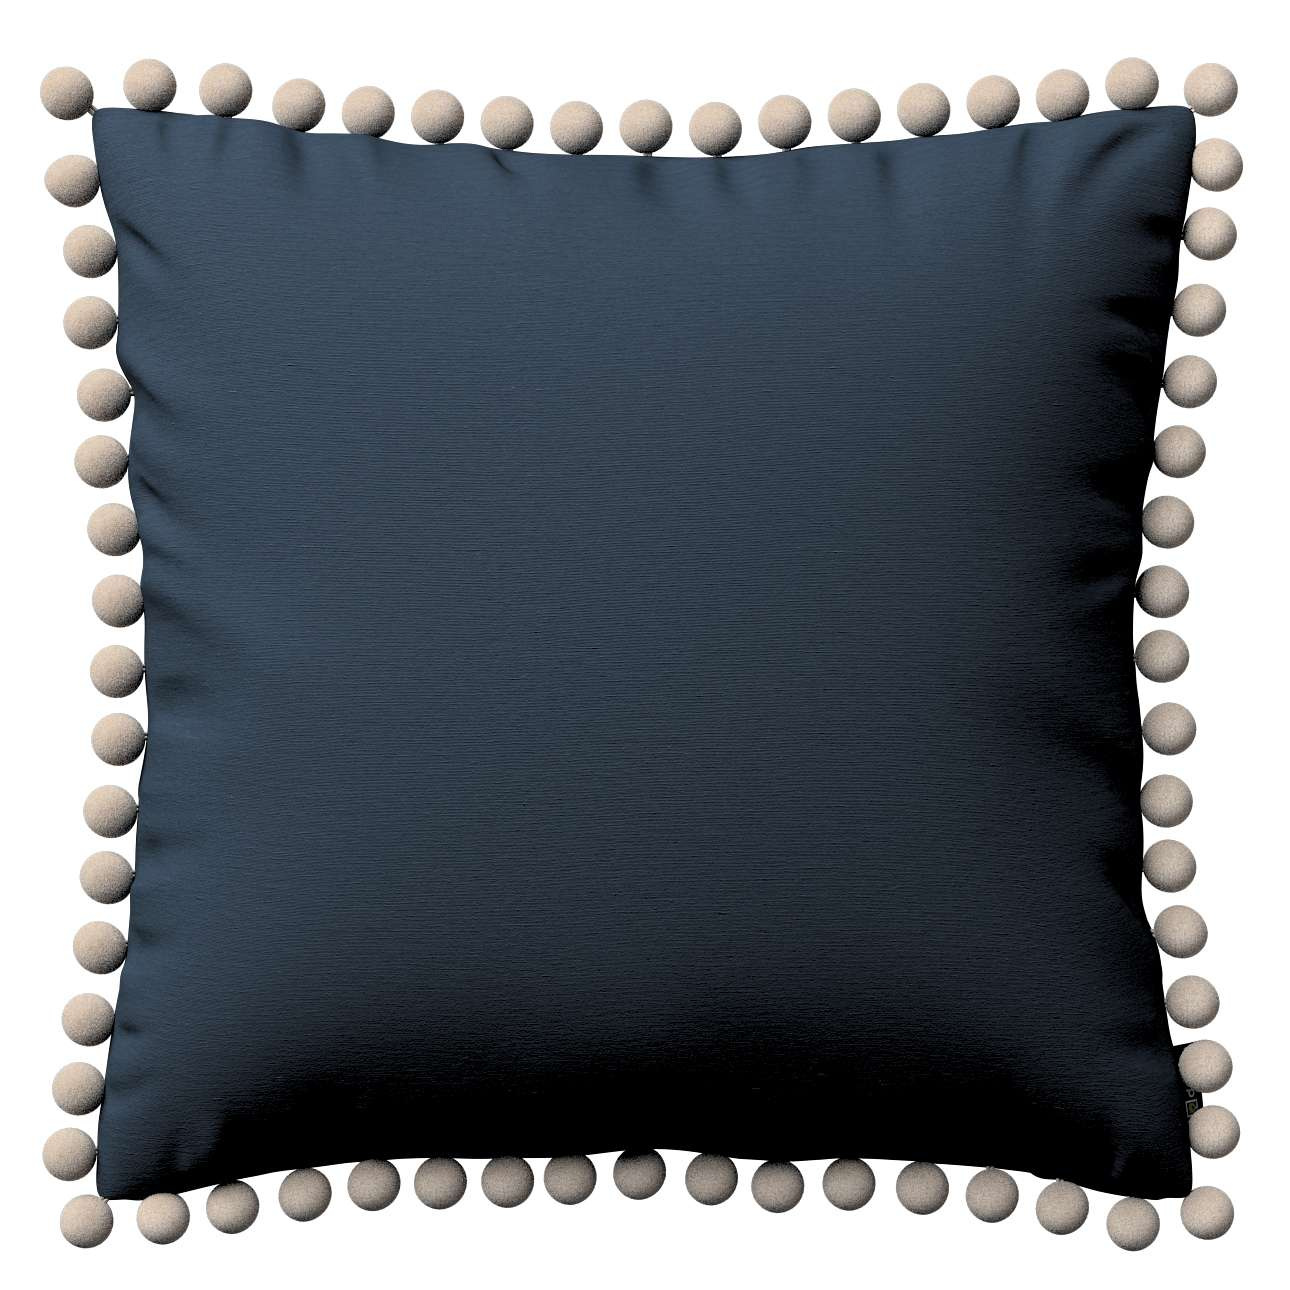 Wera dekoratyvinės pagalvėlės užvalkalas su žaismingais kraštais 45 x 45 cm kolekcijoje Quadro, audinys: 136-04